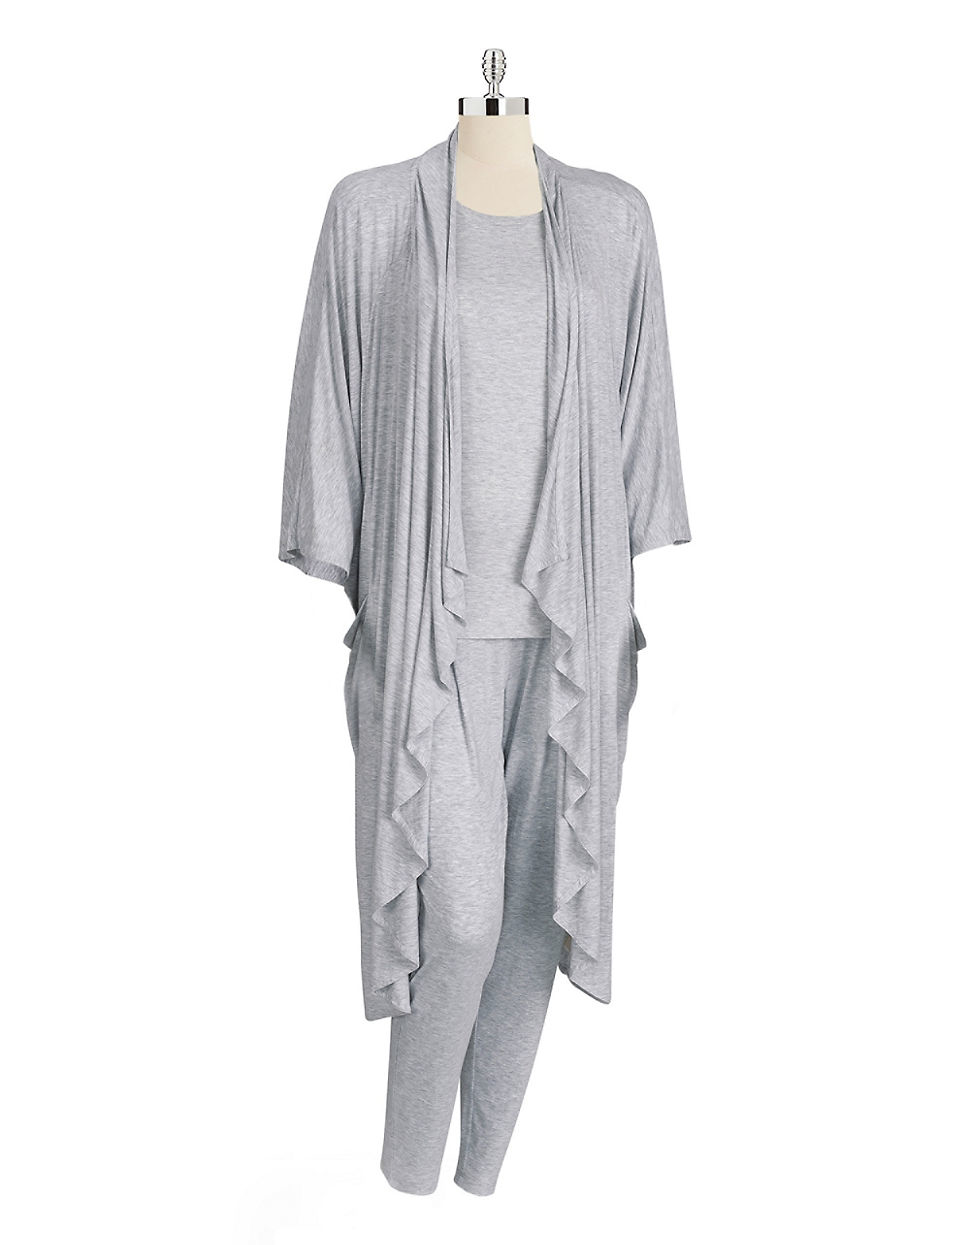 Ugg Robes At Von Maur